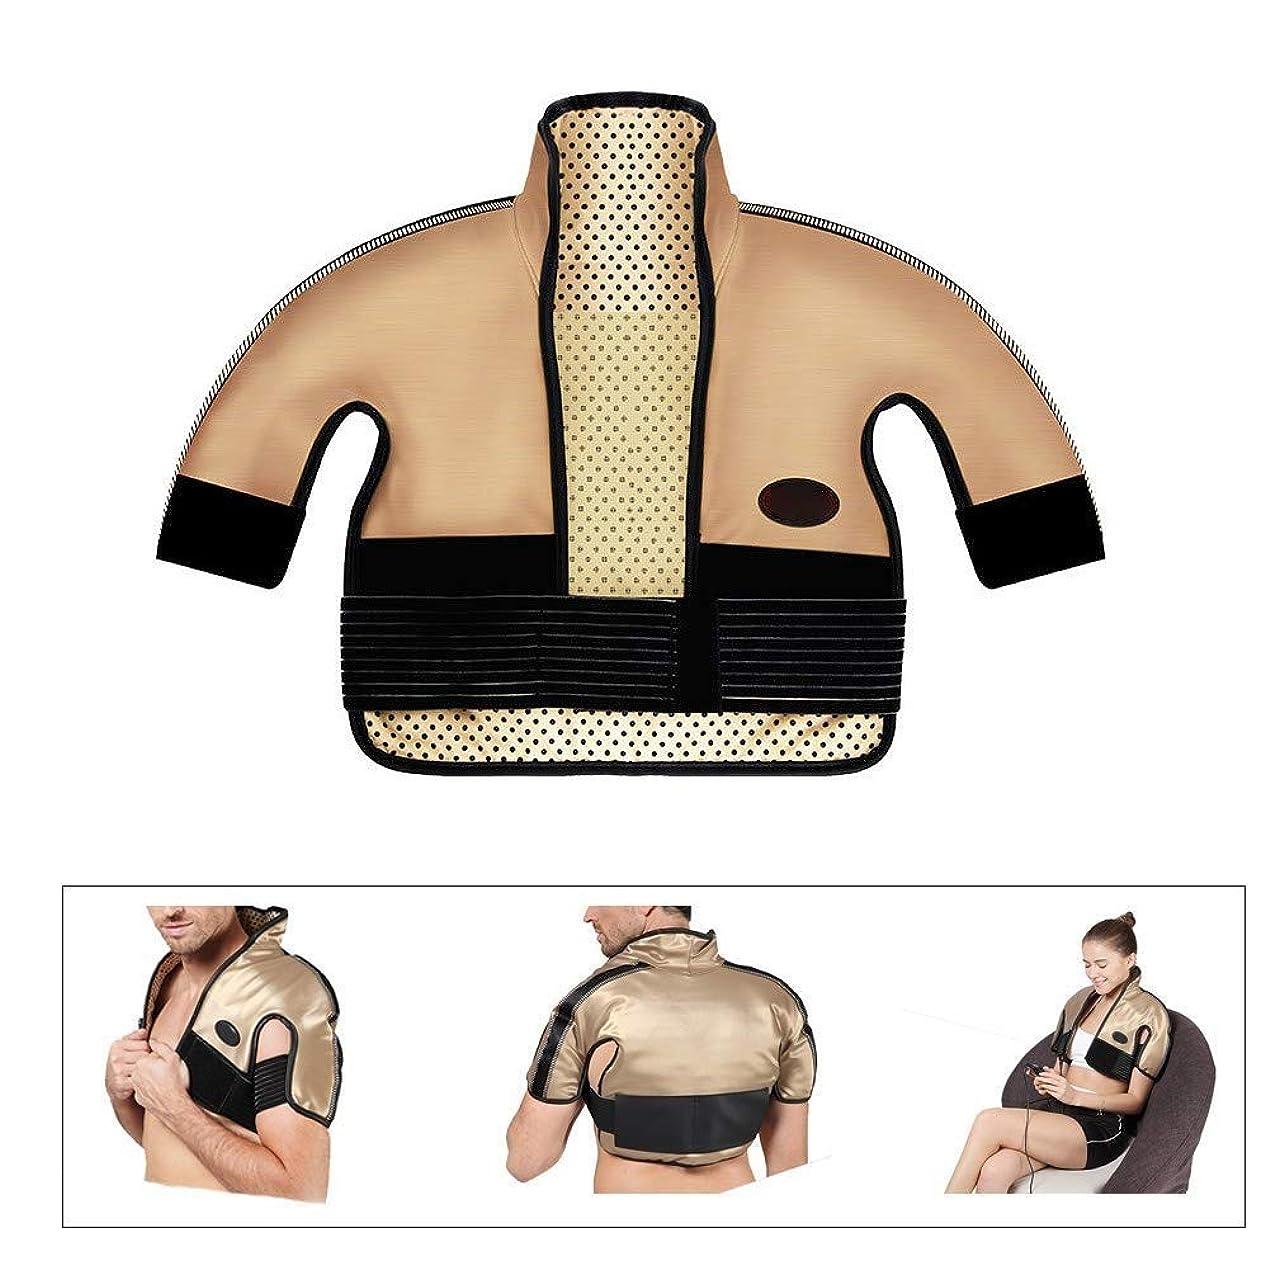 カップル図書館家具肩と首の電気加熱パッド - 混練加熱、痛み緩和加熱パッドを叩く、医療用品マッサージベスト(肩幅用:40-65CM)